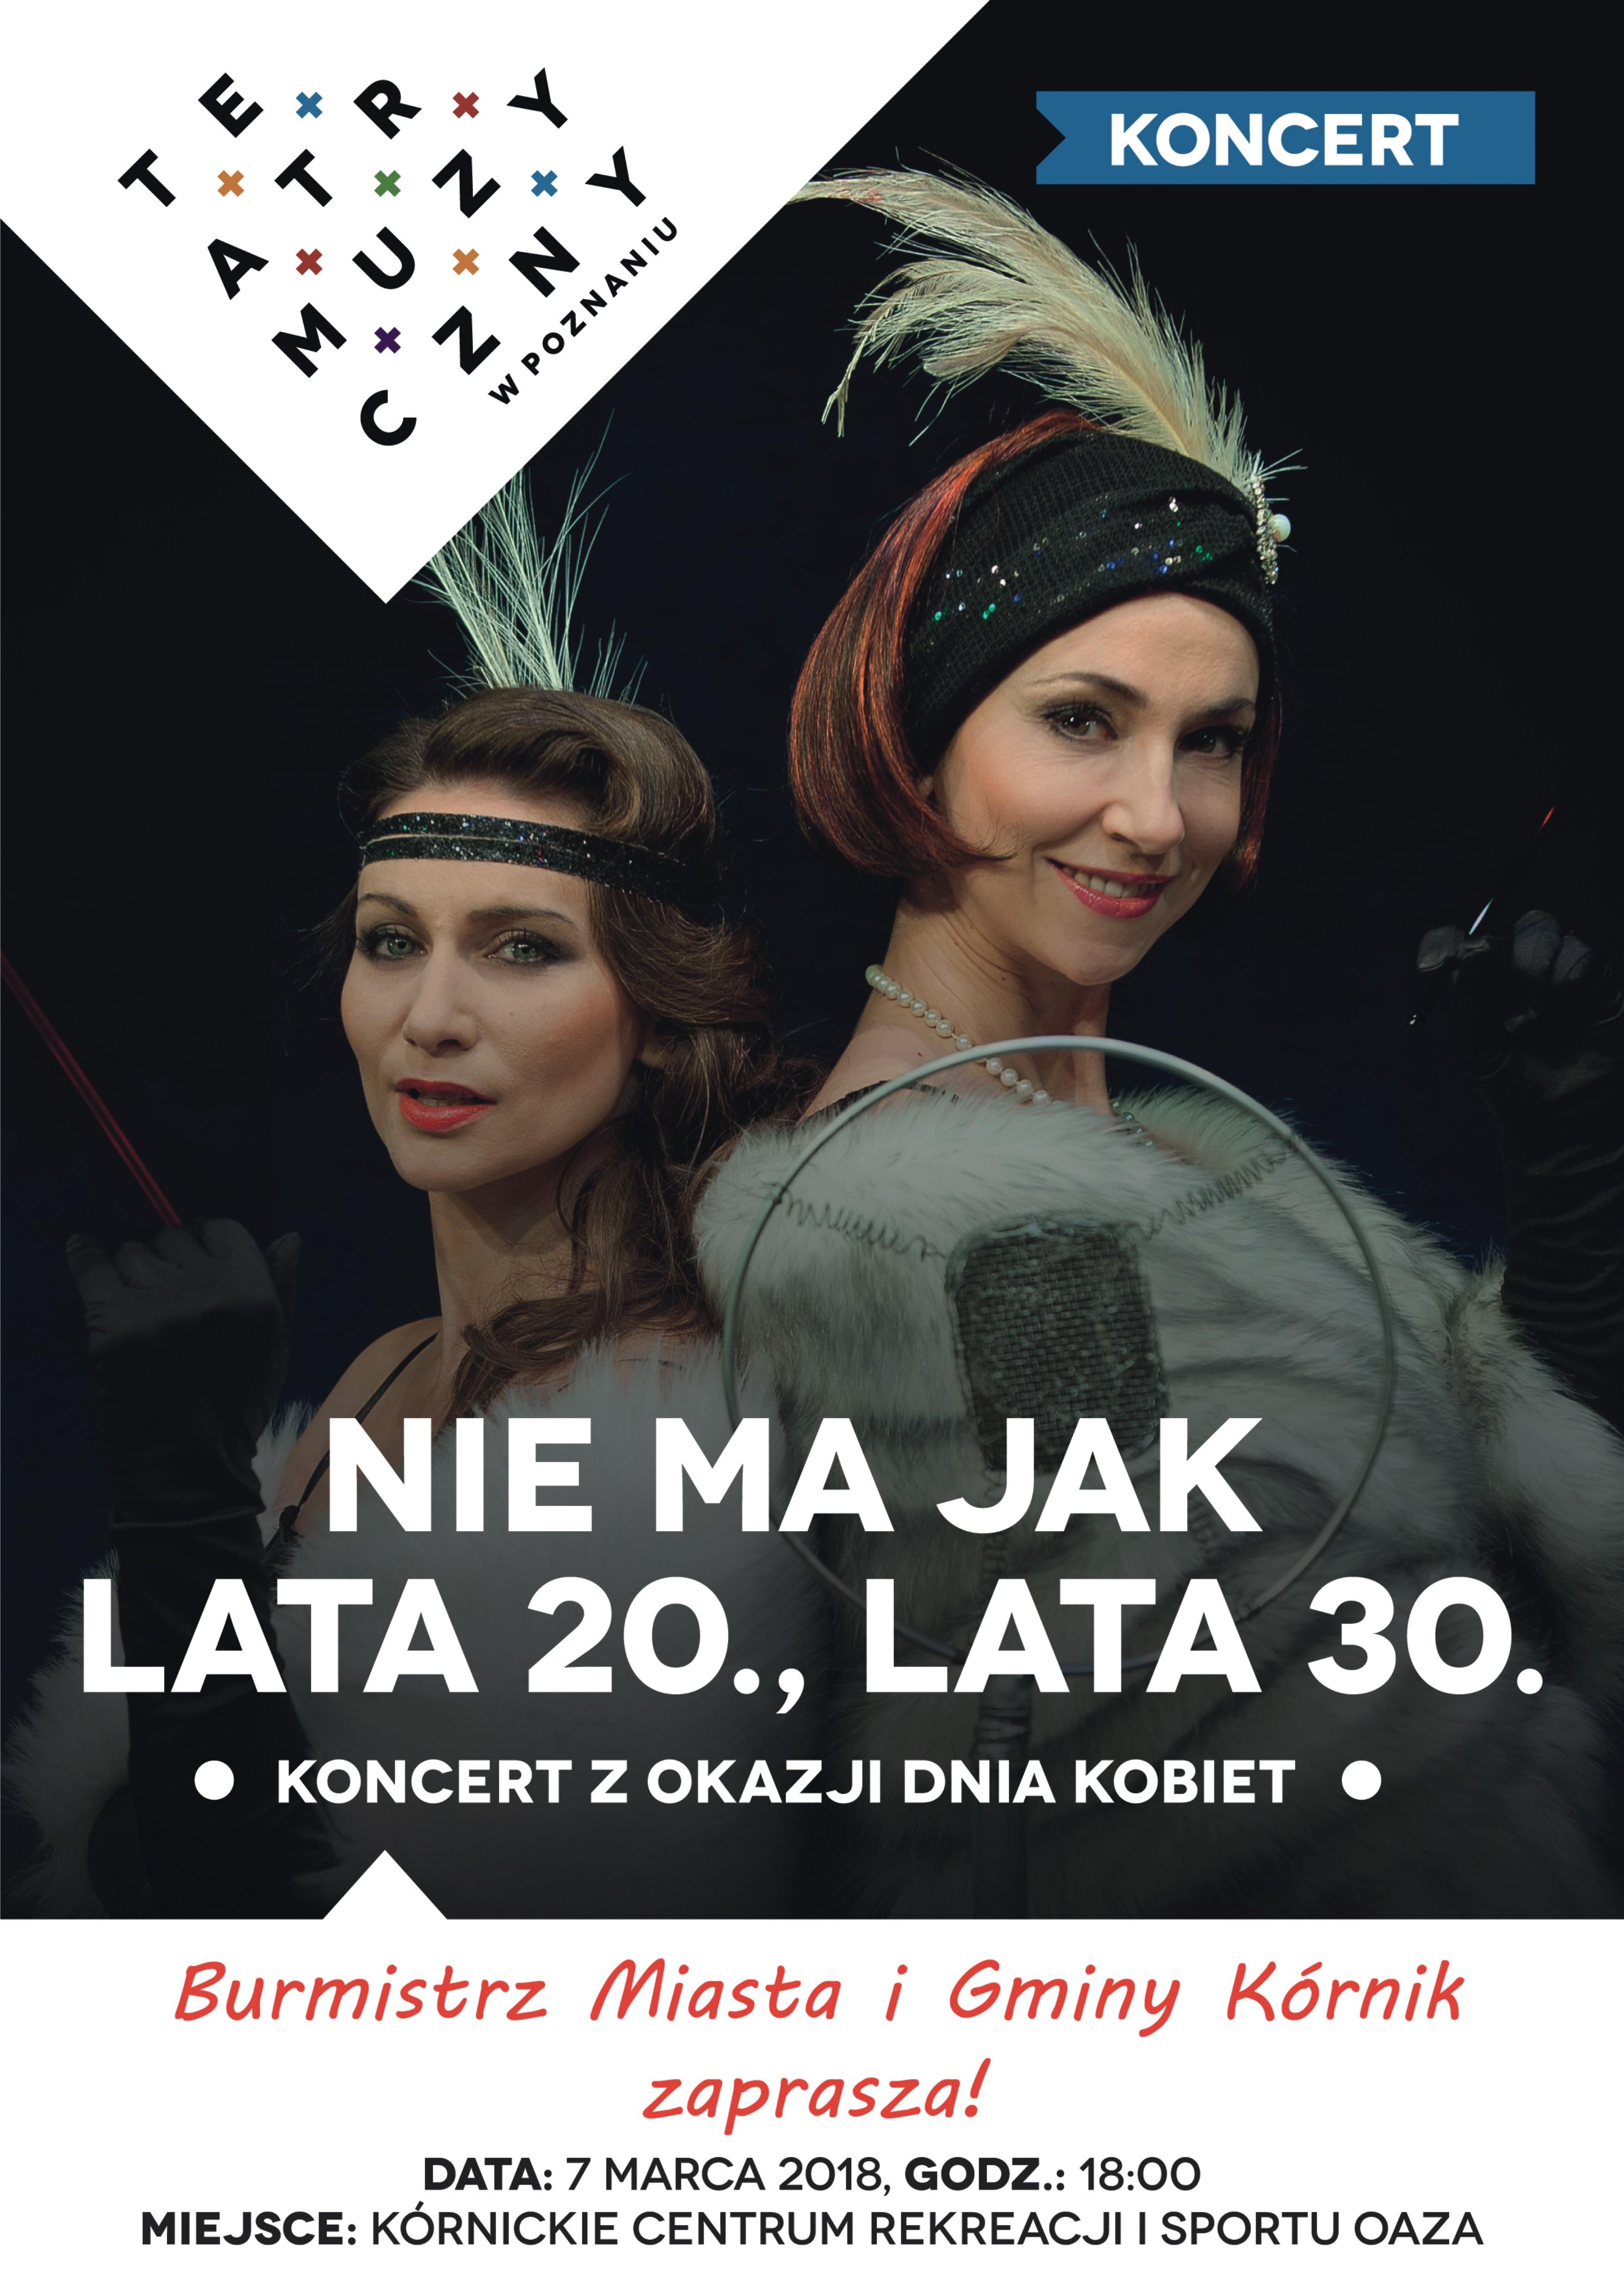 Koncerty z okazji dnia kobiet